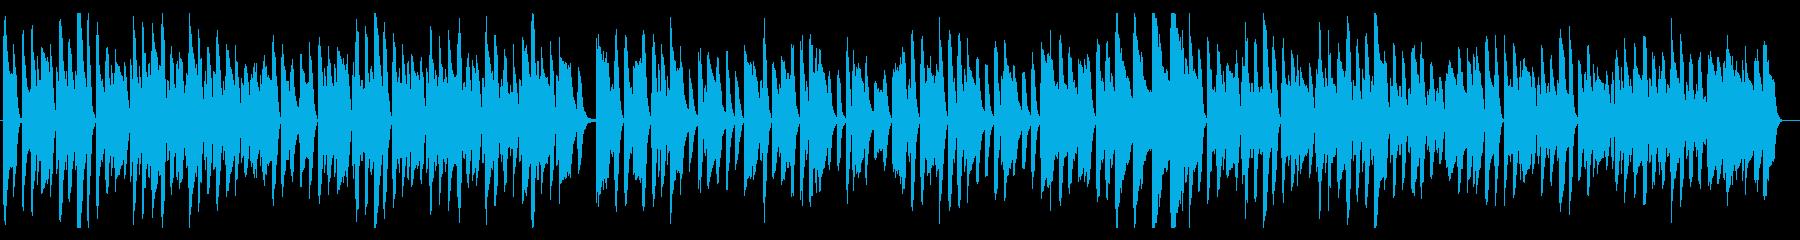 ほのぼのした日常が浮かぶハネたピアノ曲の再生済みの波形